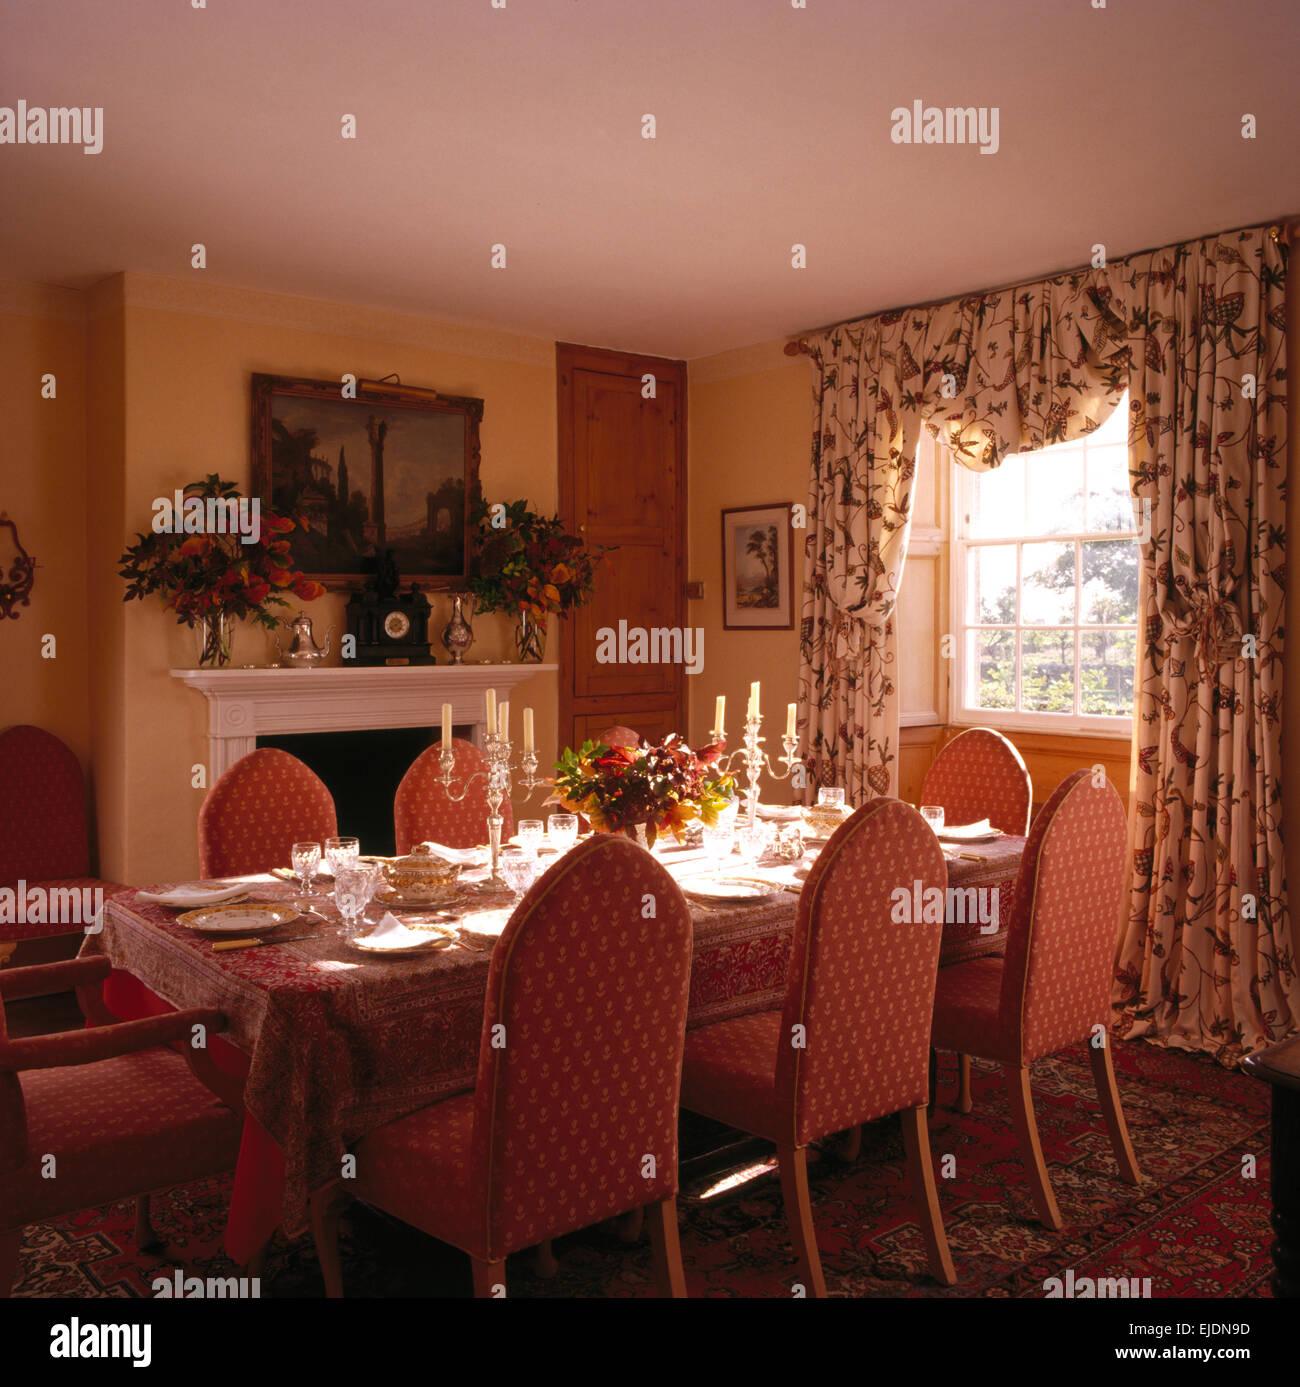 chaises de style gothique capitonn rose set de table pour le djeuner en pays salle manger avec des rideaux la fentre